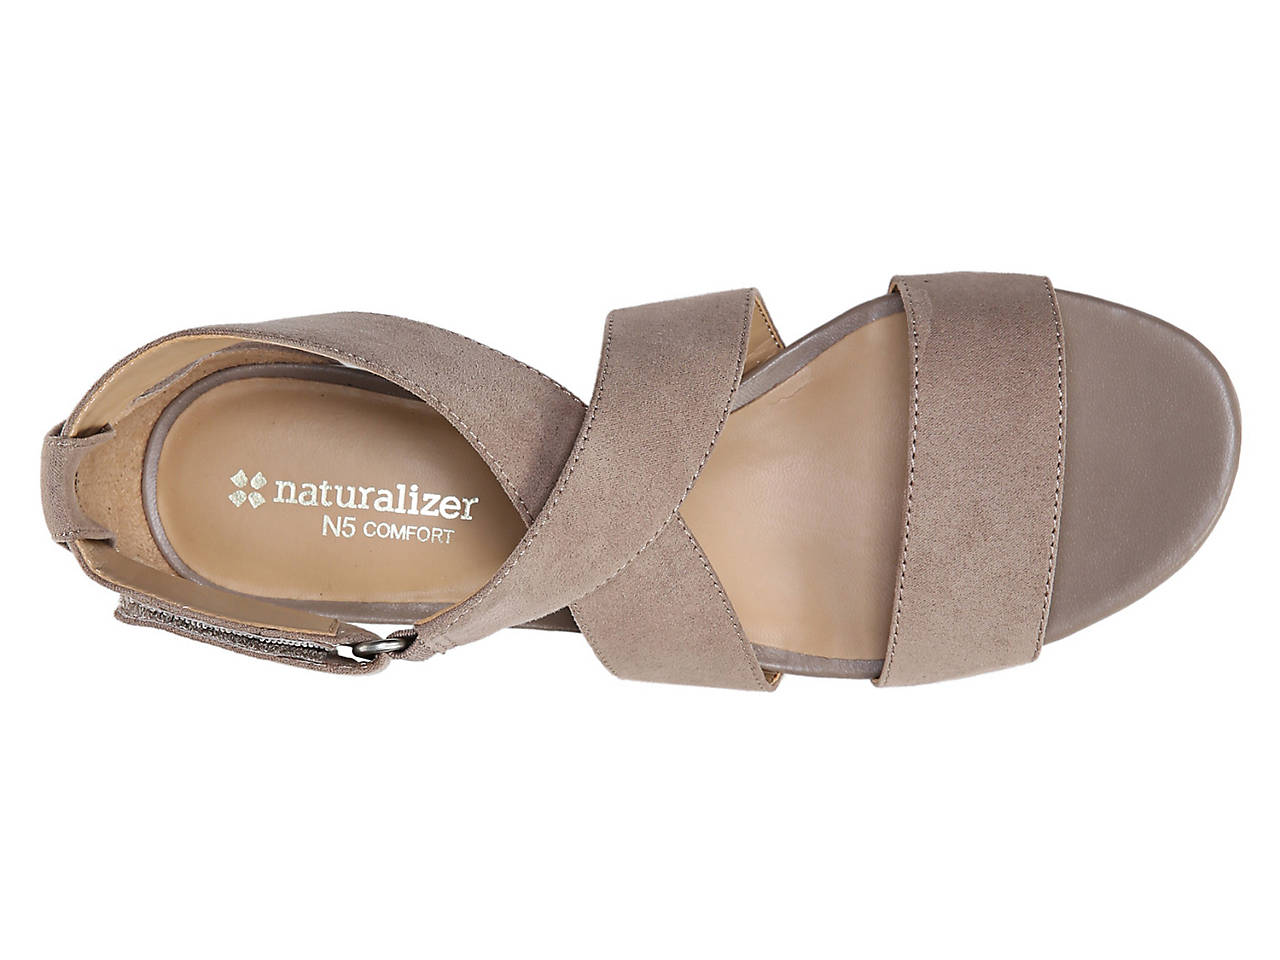 68b7f8b3e89 Naturalizer Adele Sandal Women s Shoes